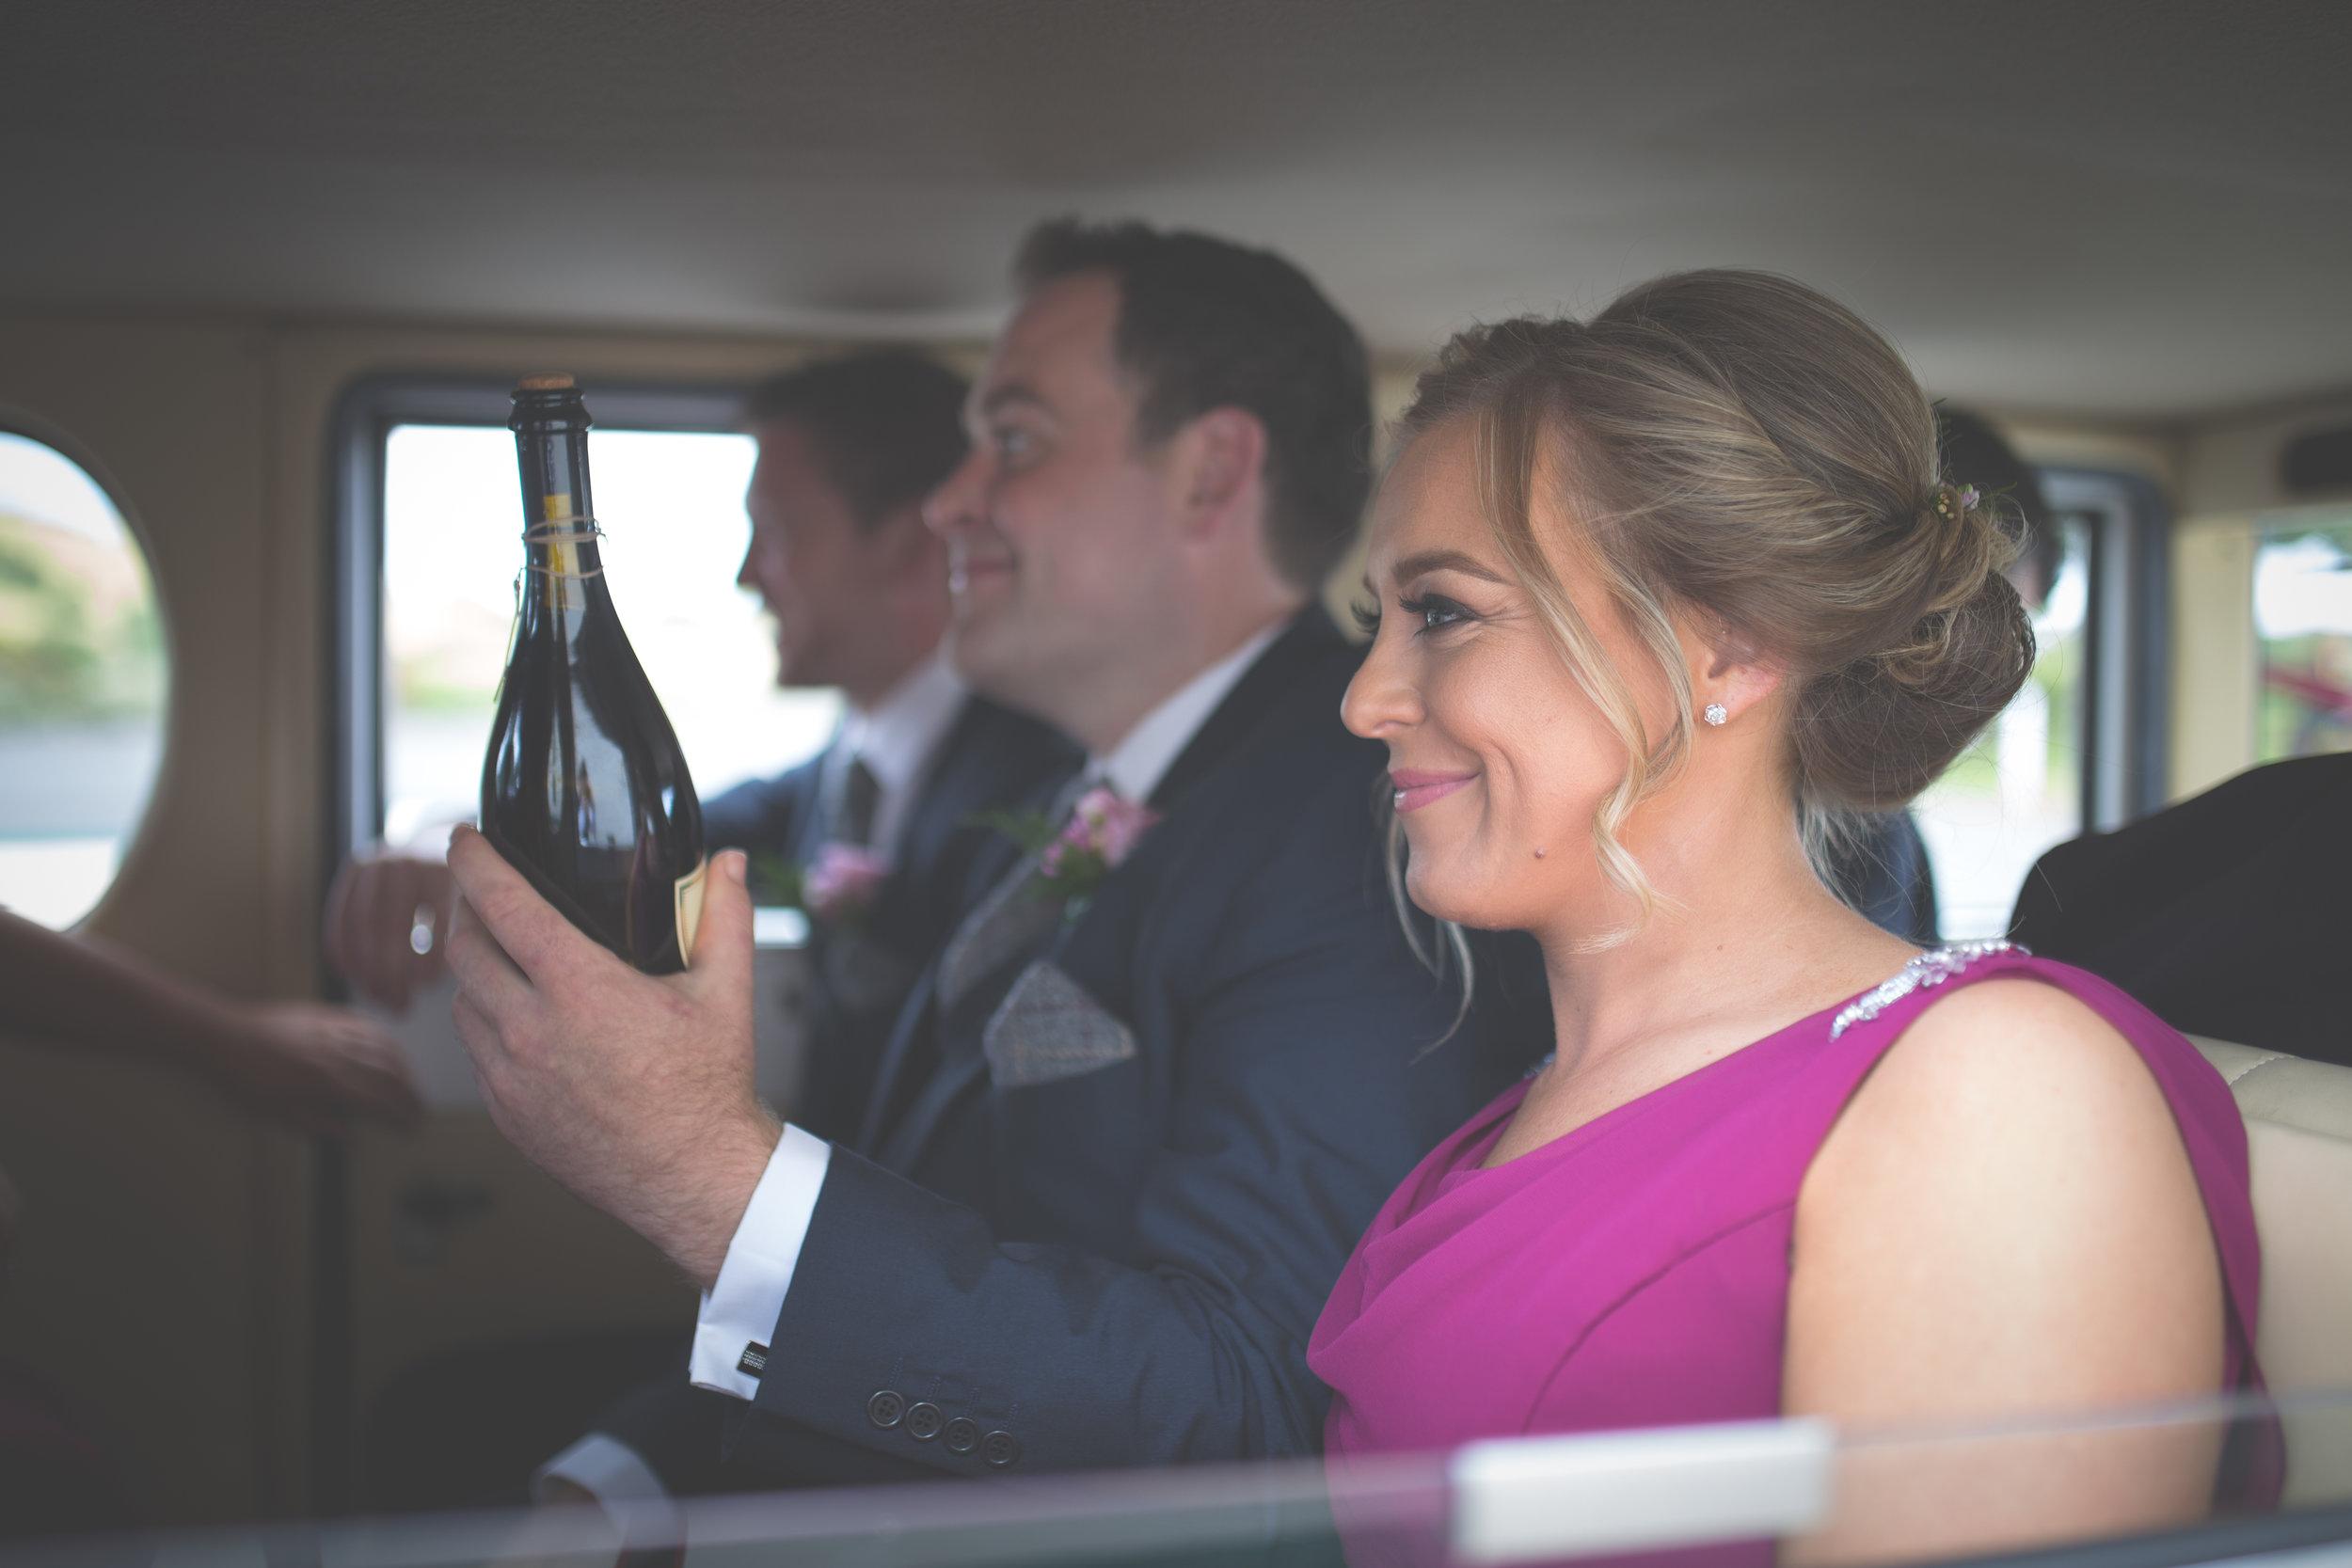 Brian McEwan Wedding Photography   Carol-Anne & Sean   The Ceremony-168.jpg